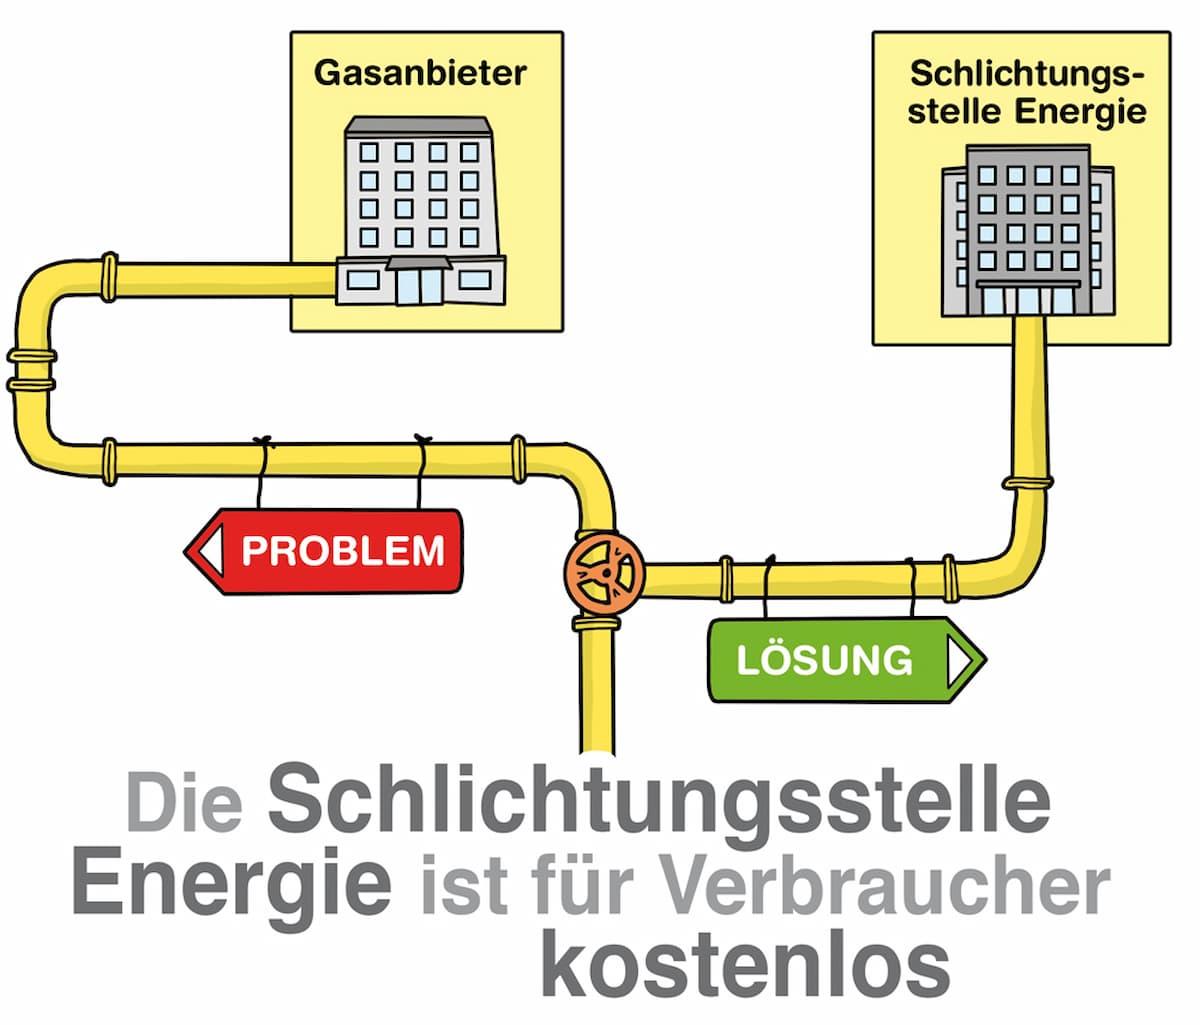 Die Schlichtungsstelle Energie ist für Verbraucher kostenlos